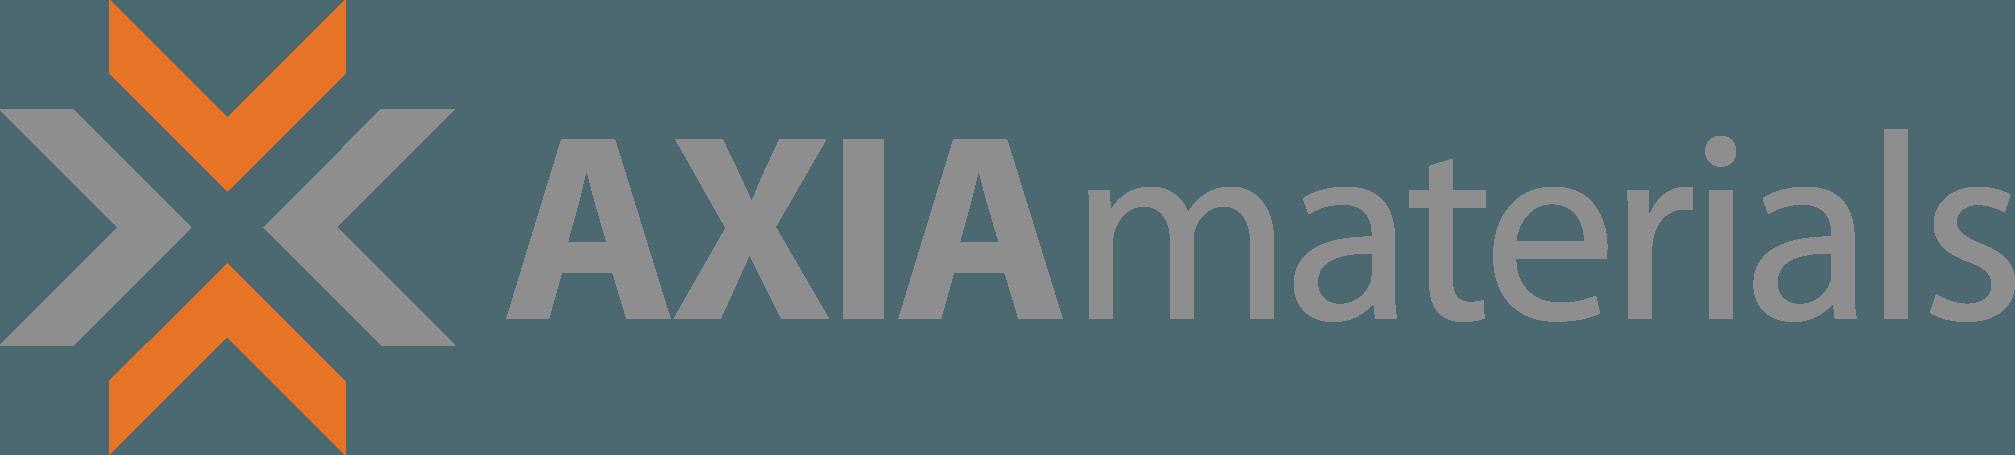 AXIA materials